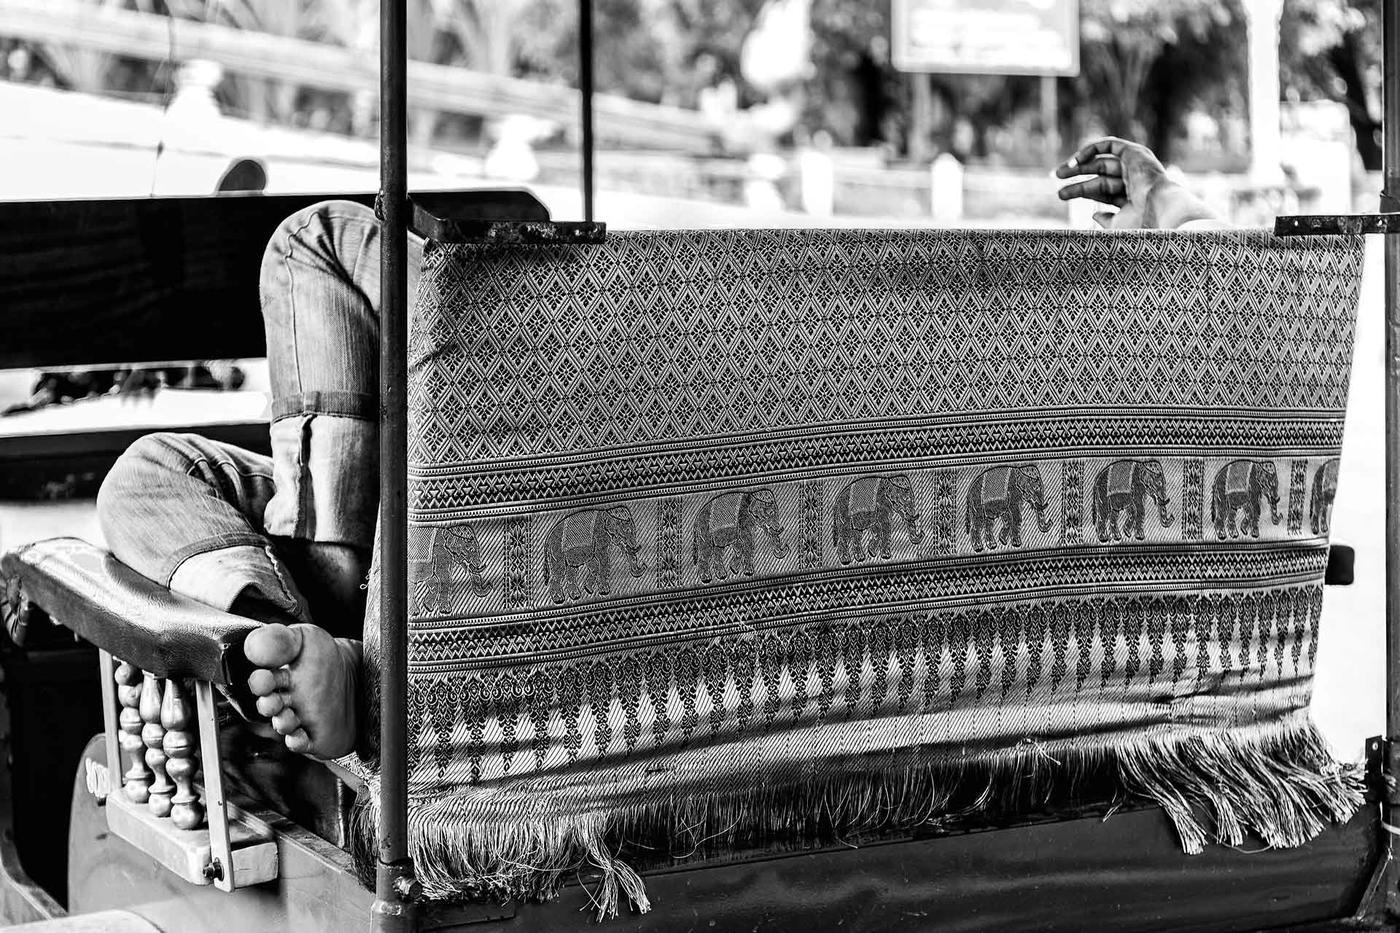 asueto camboyano (Jose Luis Rubio Perez)